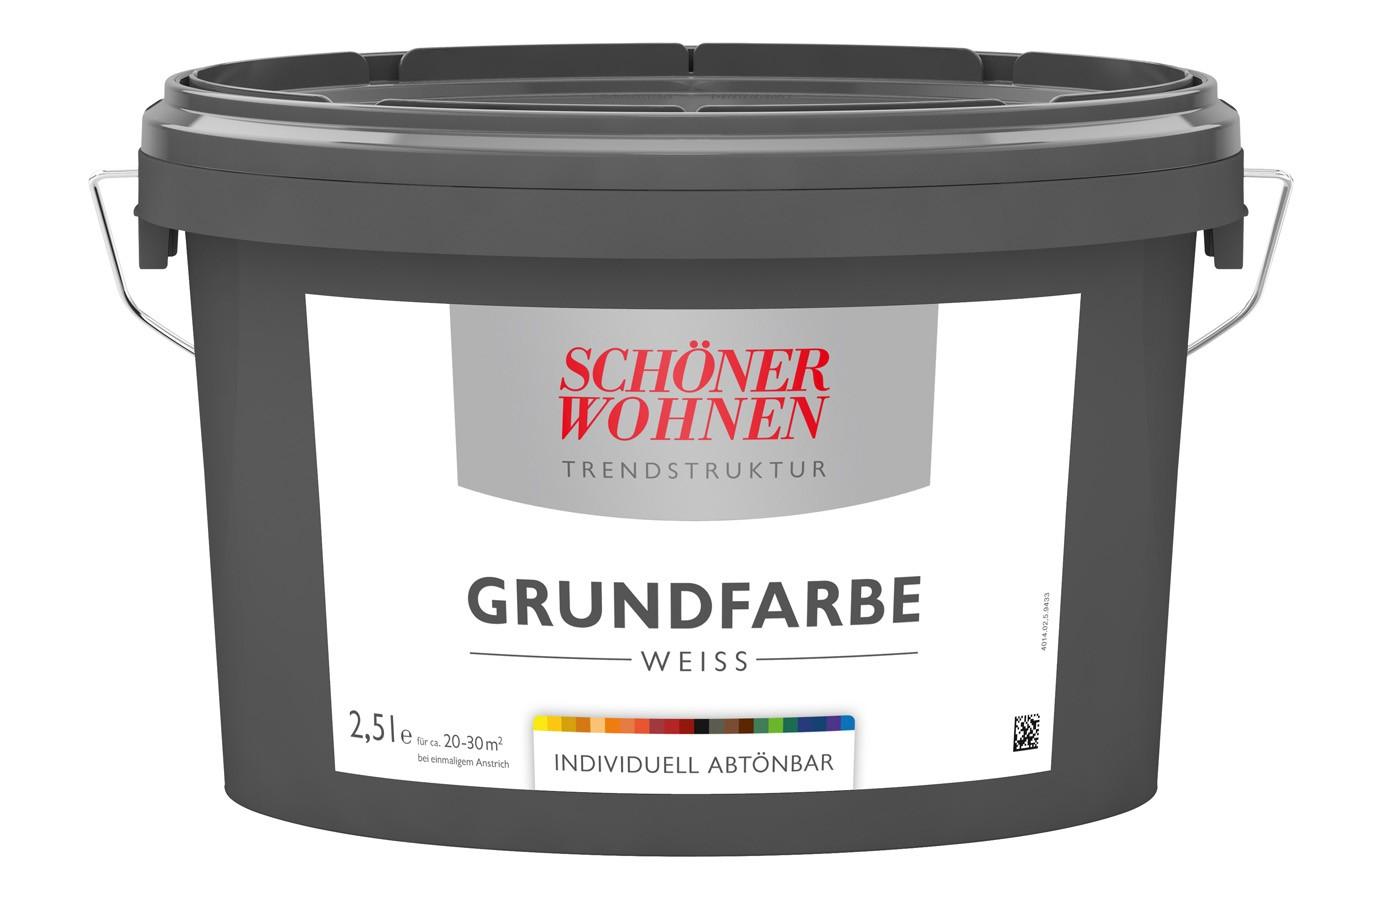 Trendstruktur Grundfarbe Weiß 2,5 L  individuell abtönbar Schöner Wohnen